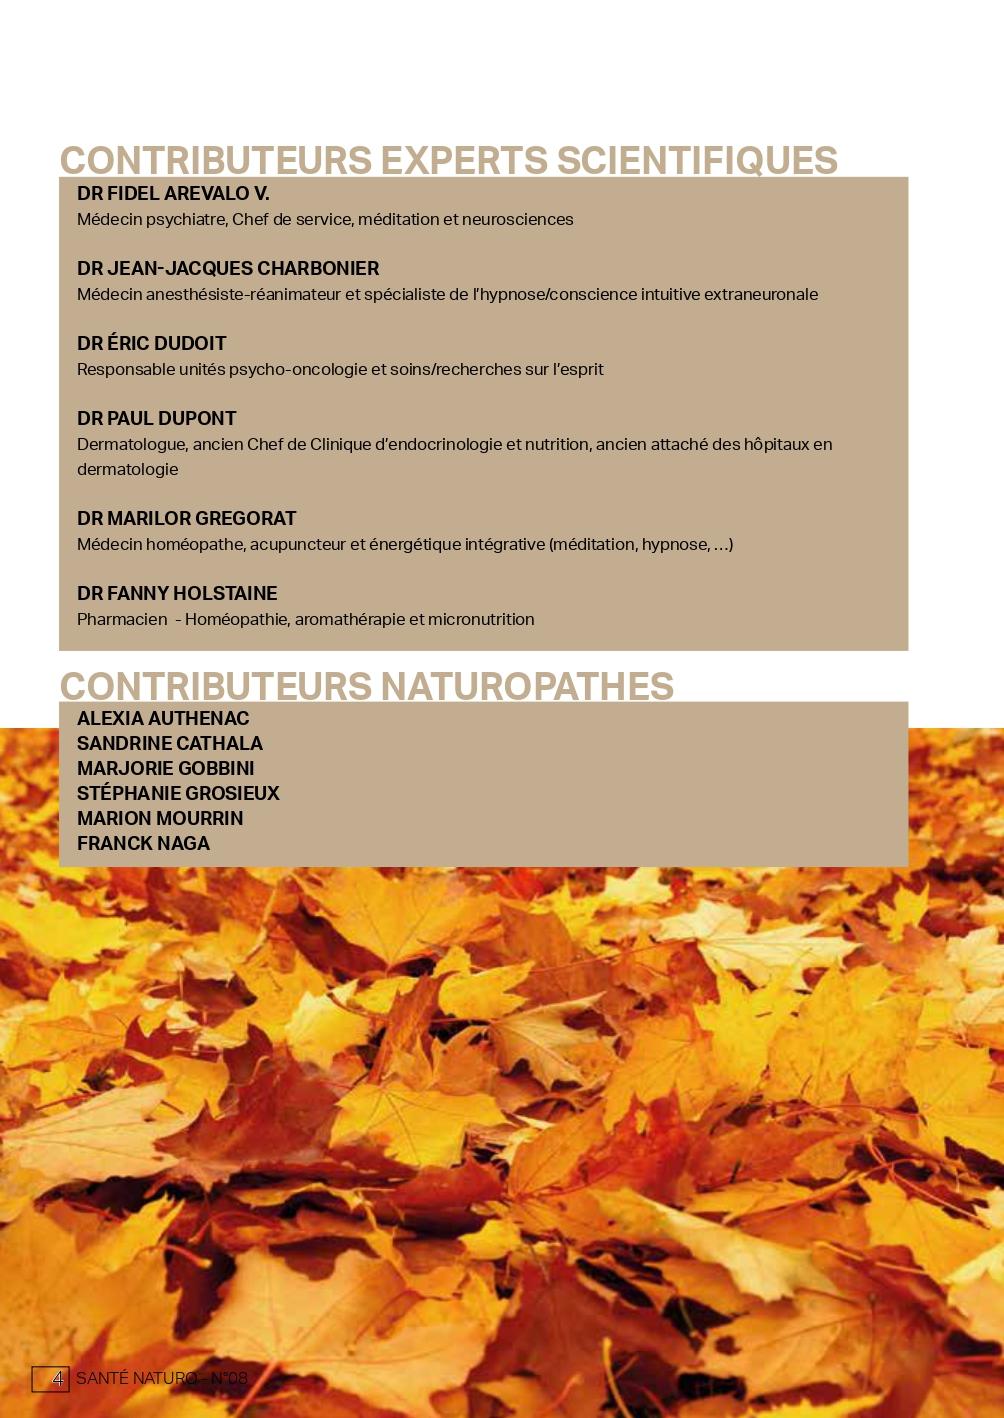 SANTE NATURO 08 DB Pages - santé naturelle intégrative - naturopathie - contributeurs